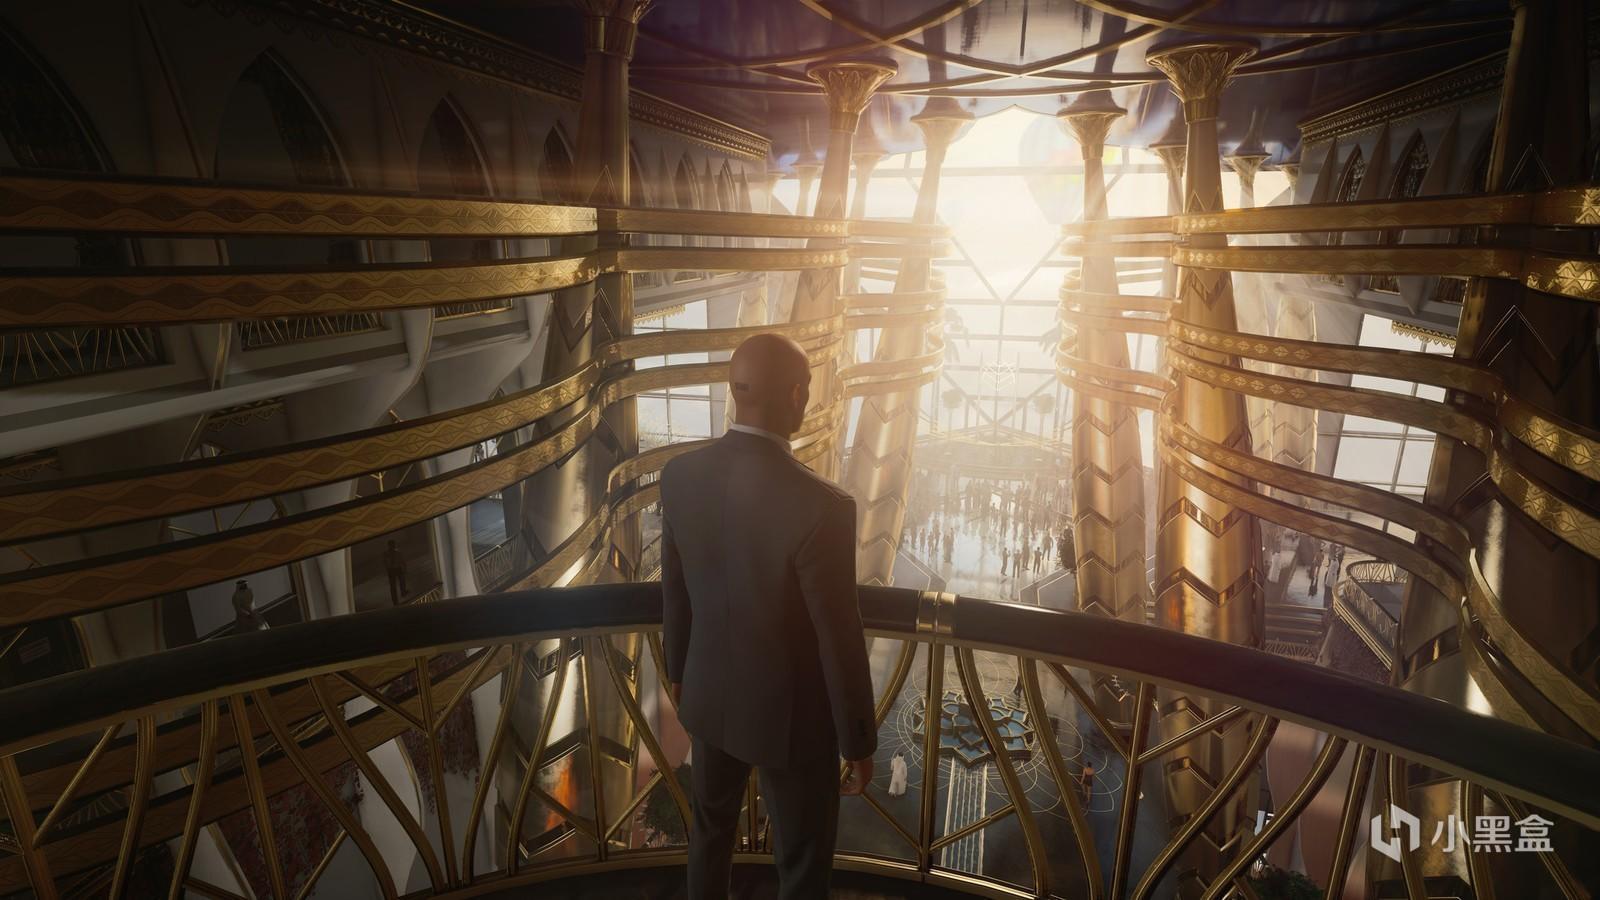 《杀手3》将在2021年发售,并通过更新获得光追支持